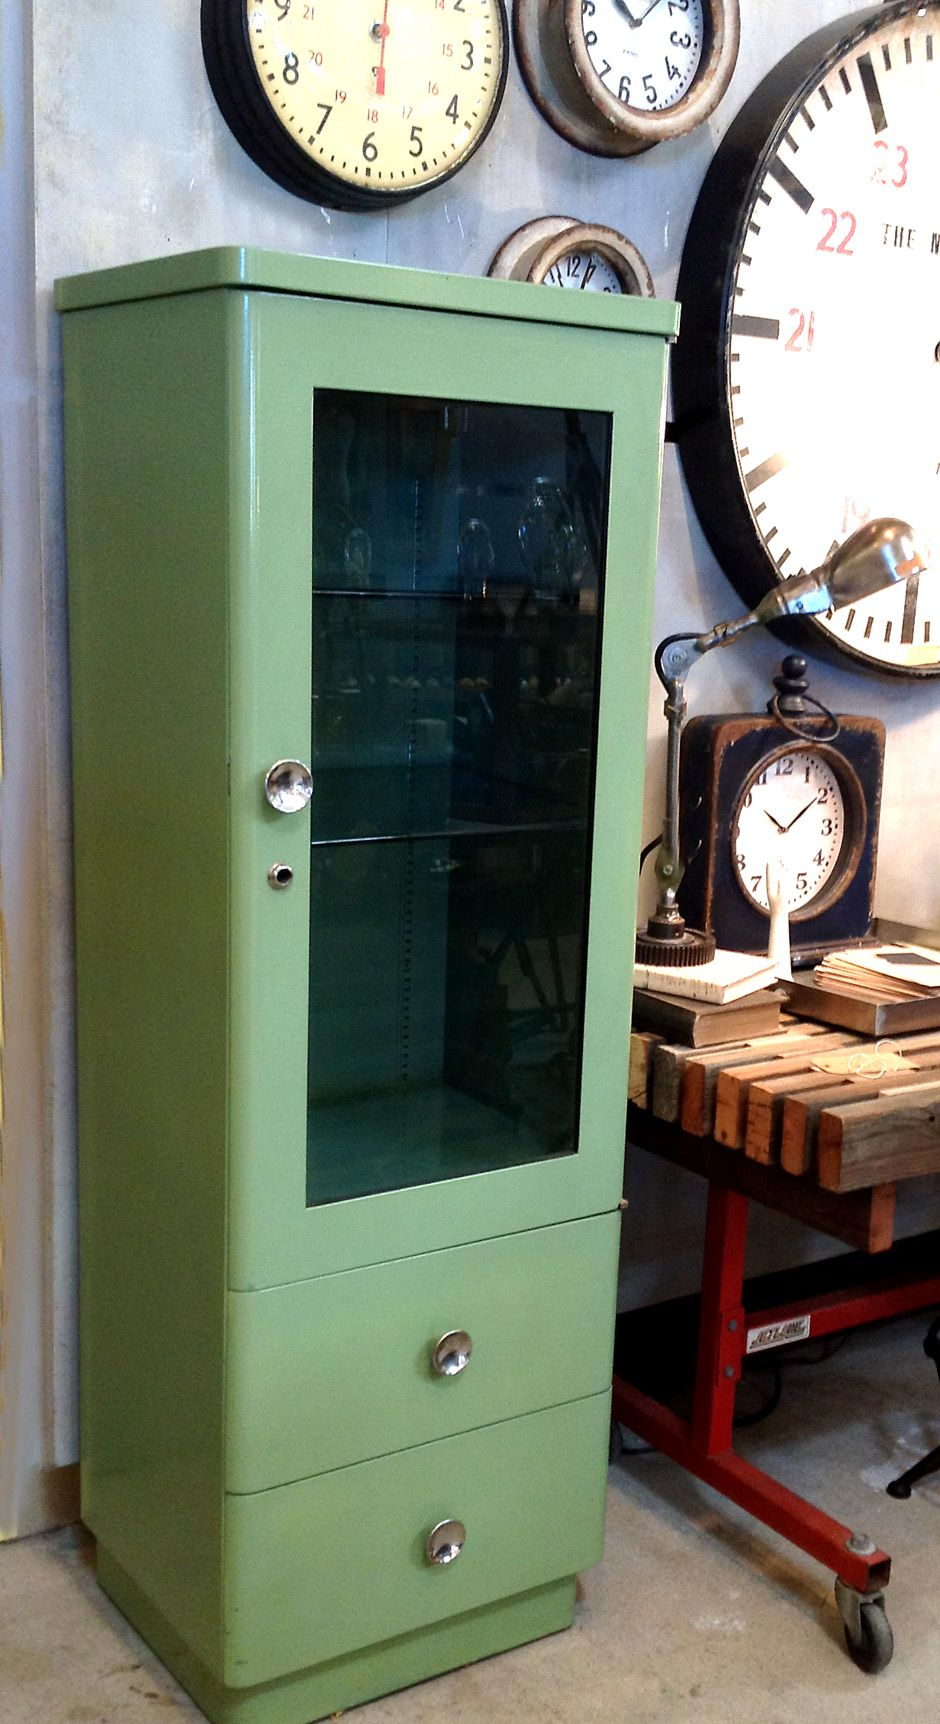 Antique Medicine Cabinet Vintage Green Medical Cabinet Wish Pinterest Green Cabinets